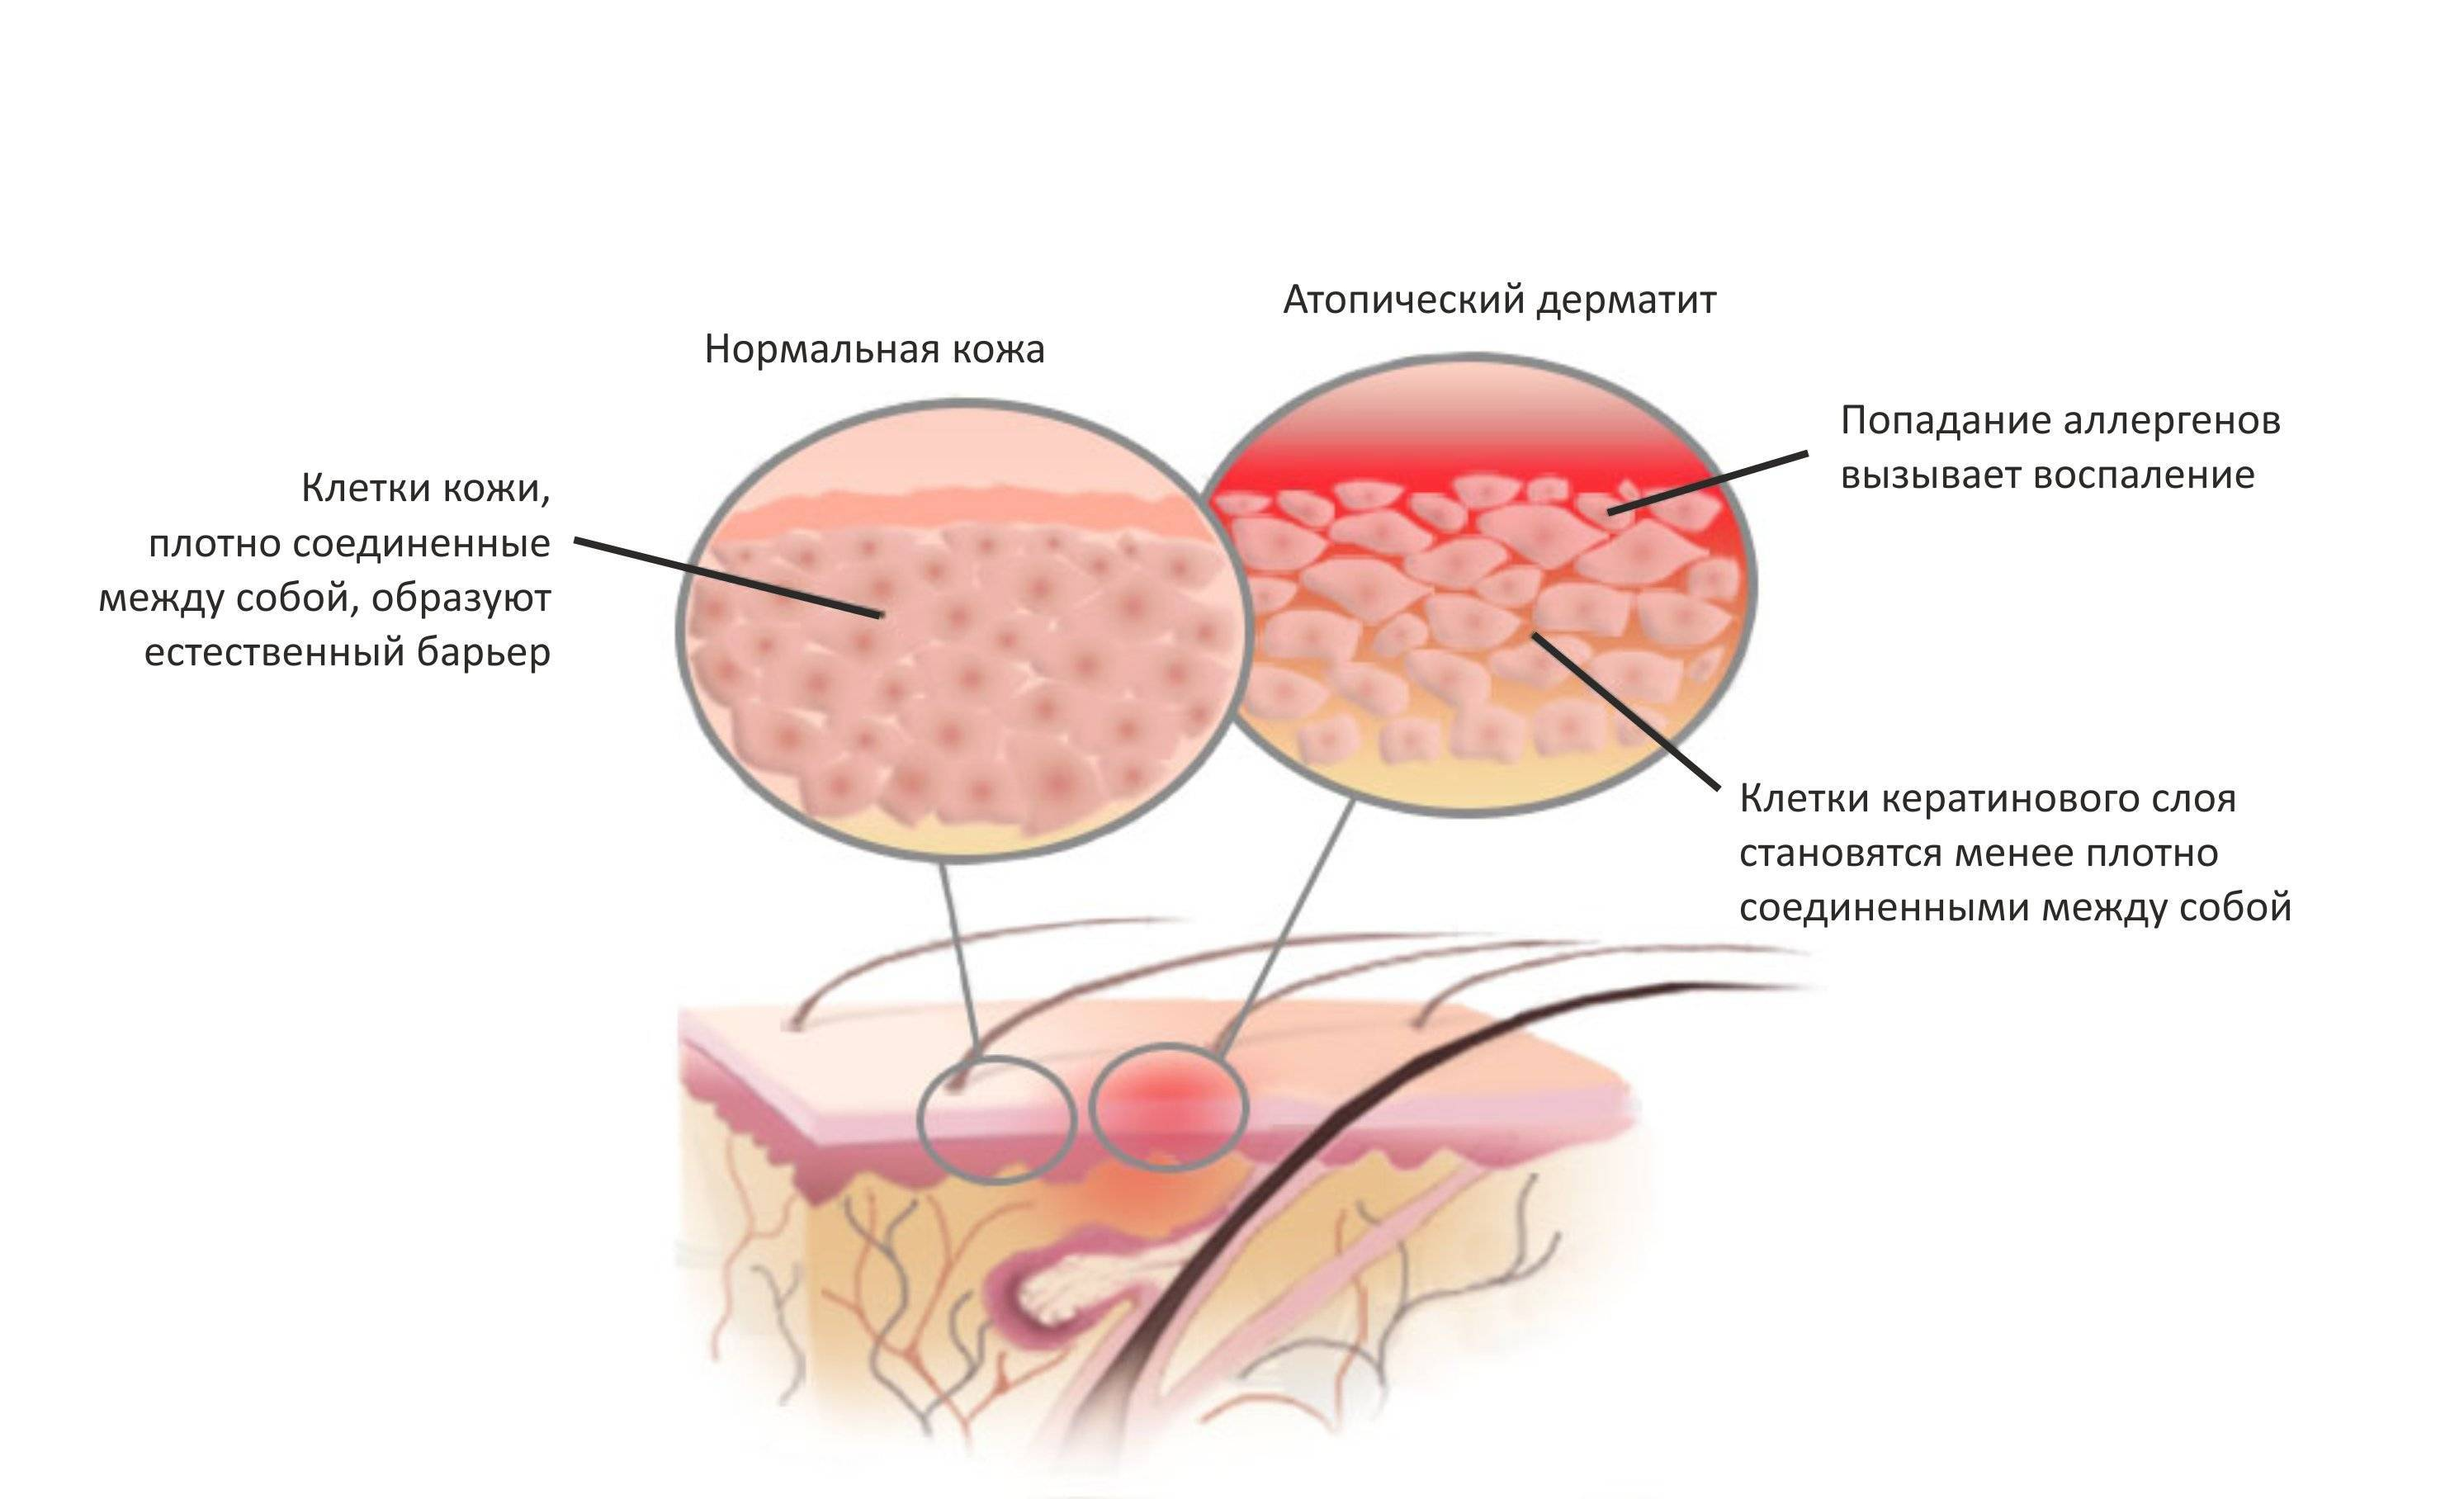 Ограниченный нейродермит у взрослых - причины, симптомы, лечение таблетками и мазями